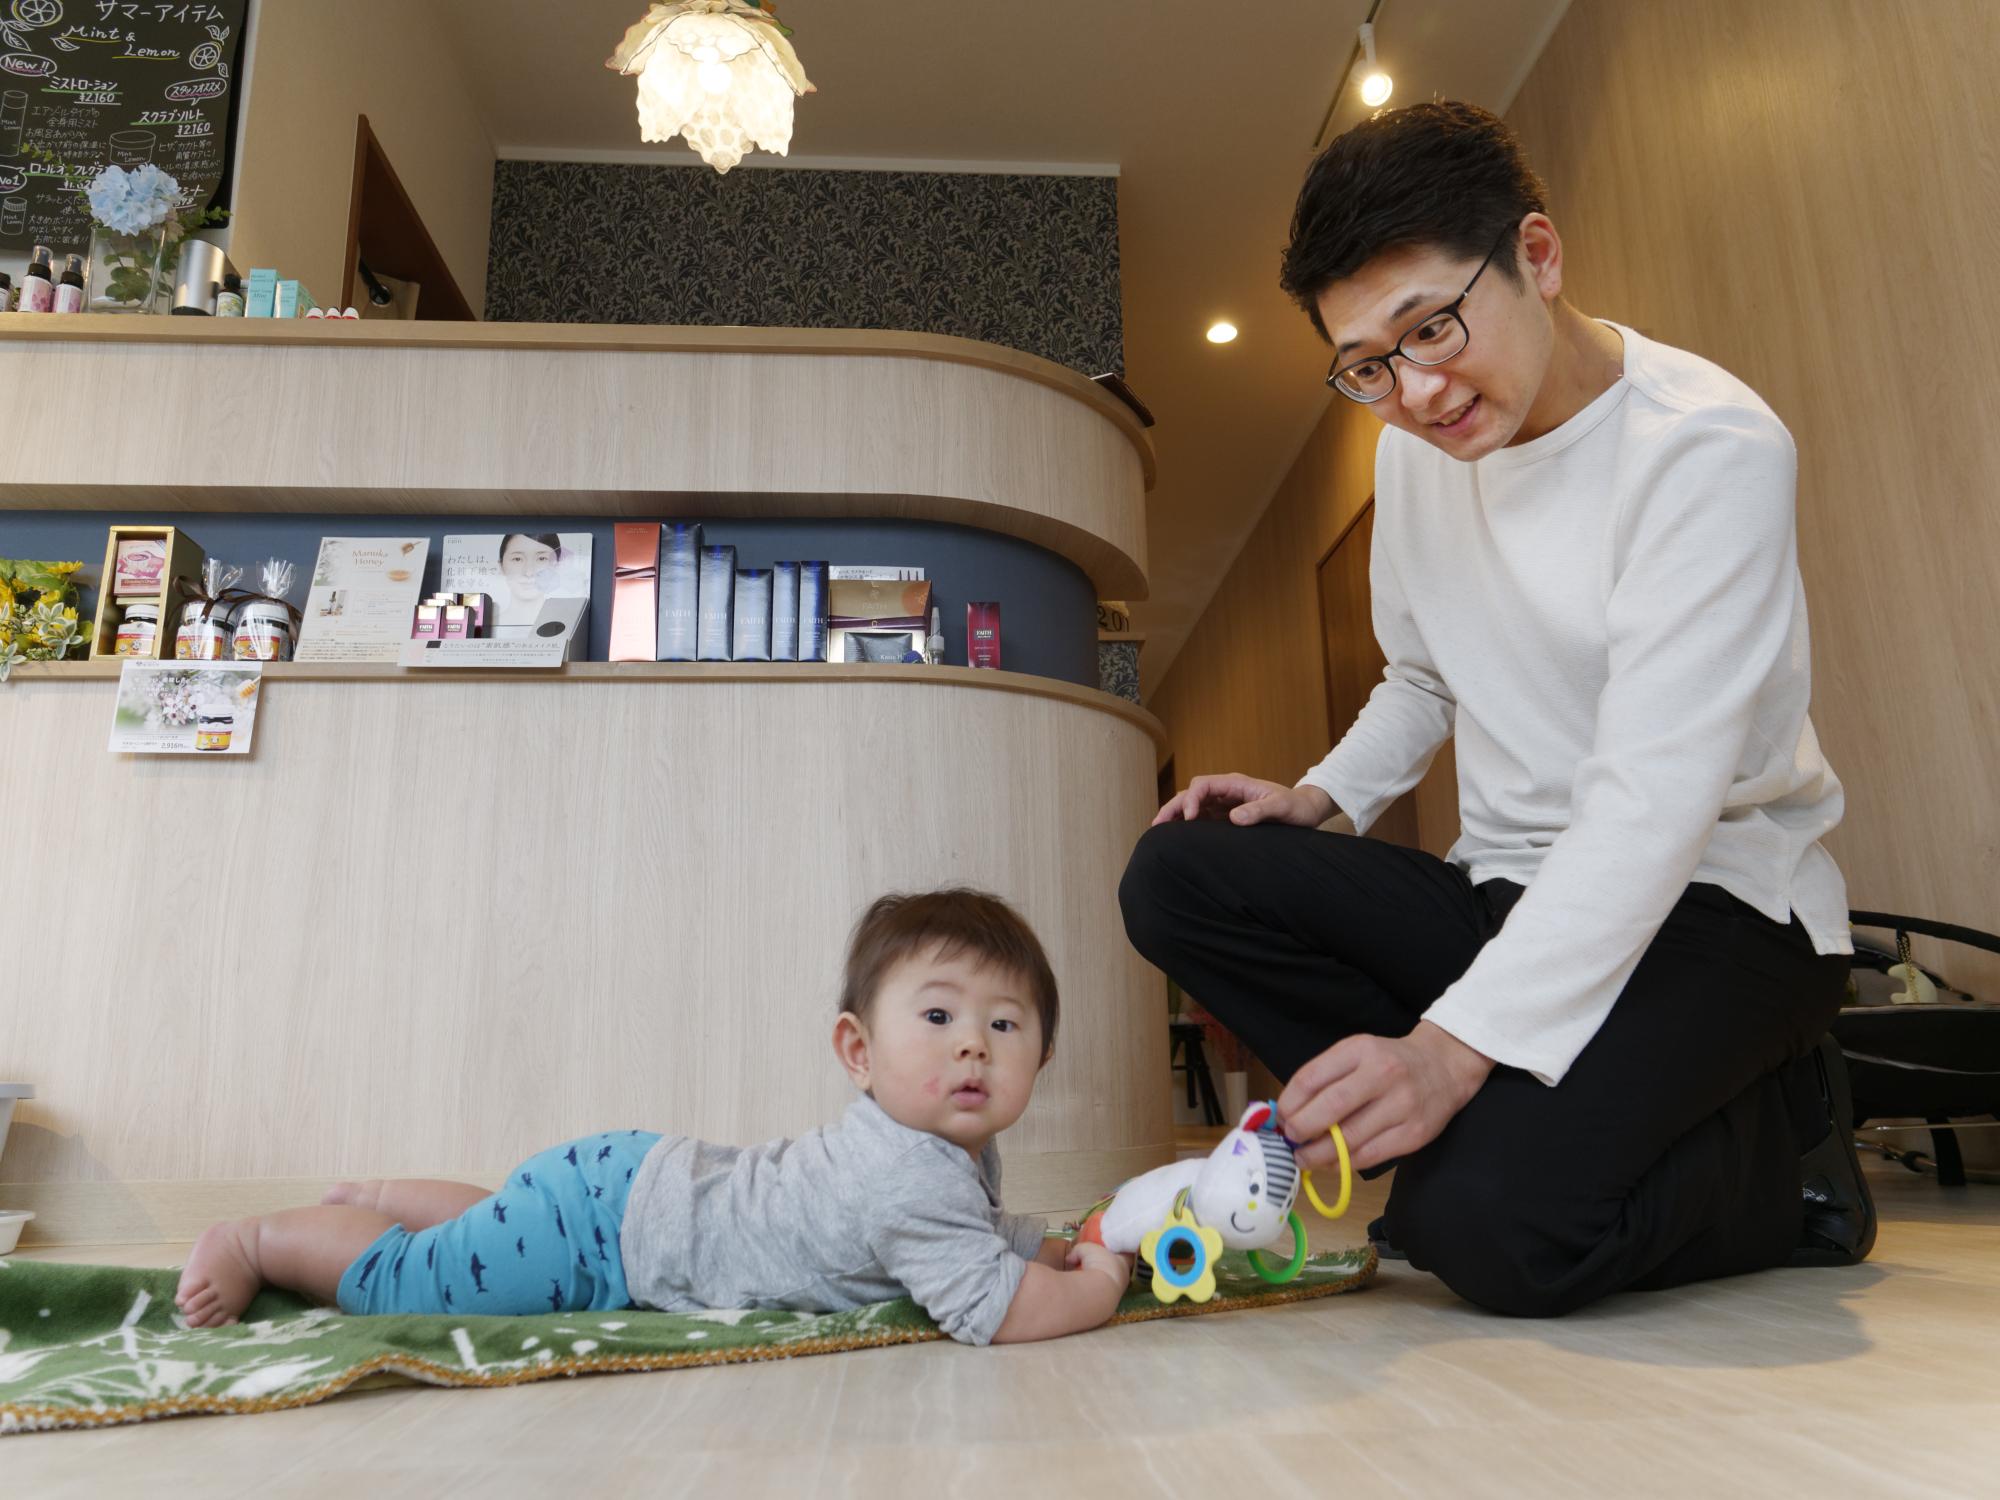 酒井さんの長男、蒼大(あおと)くんは現在7カ月(取材時)。来月から保育園通いがスタートする